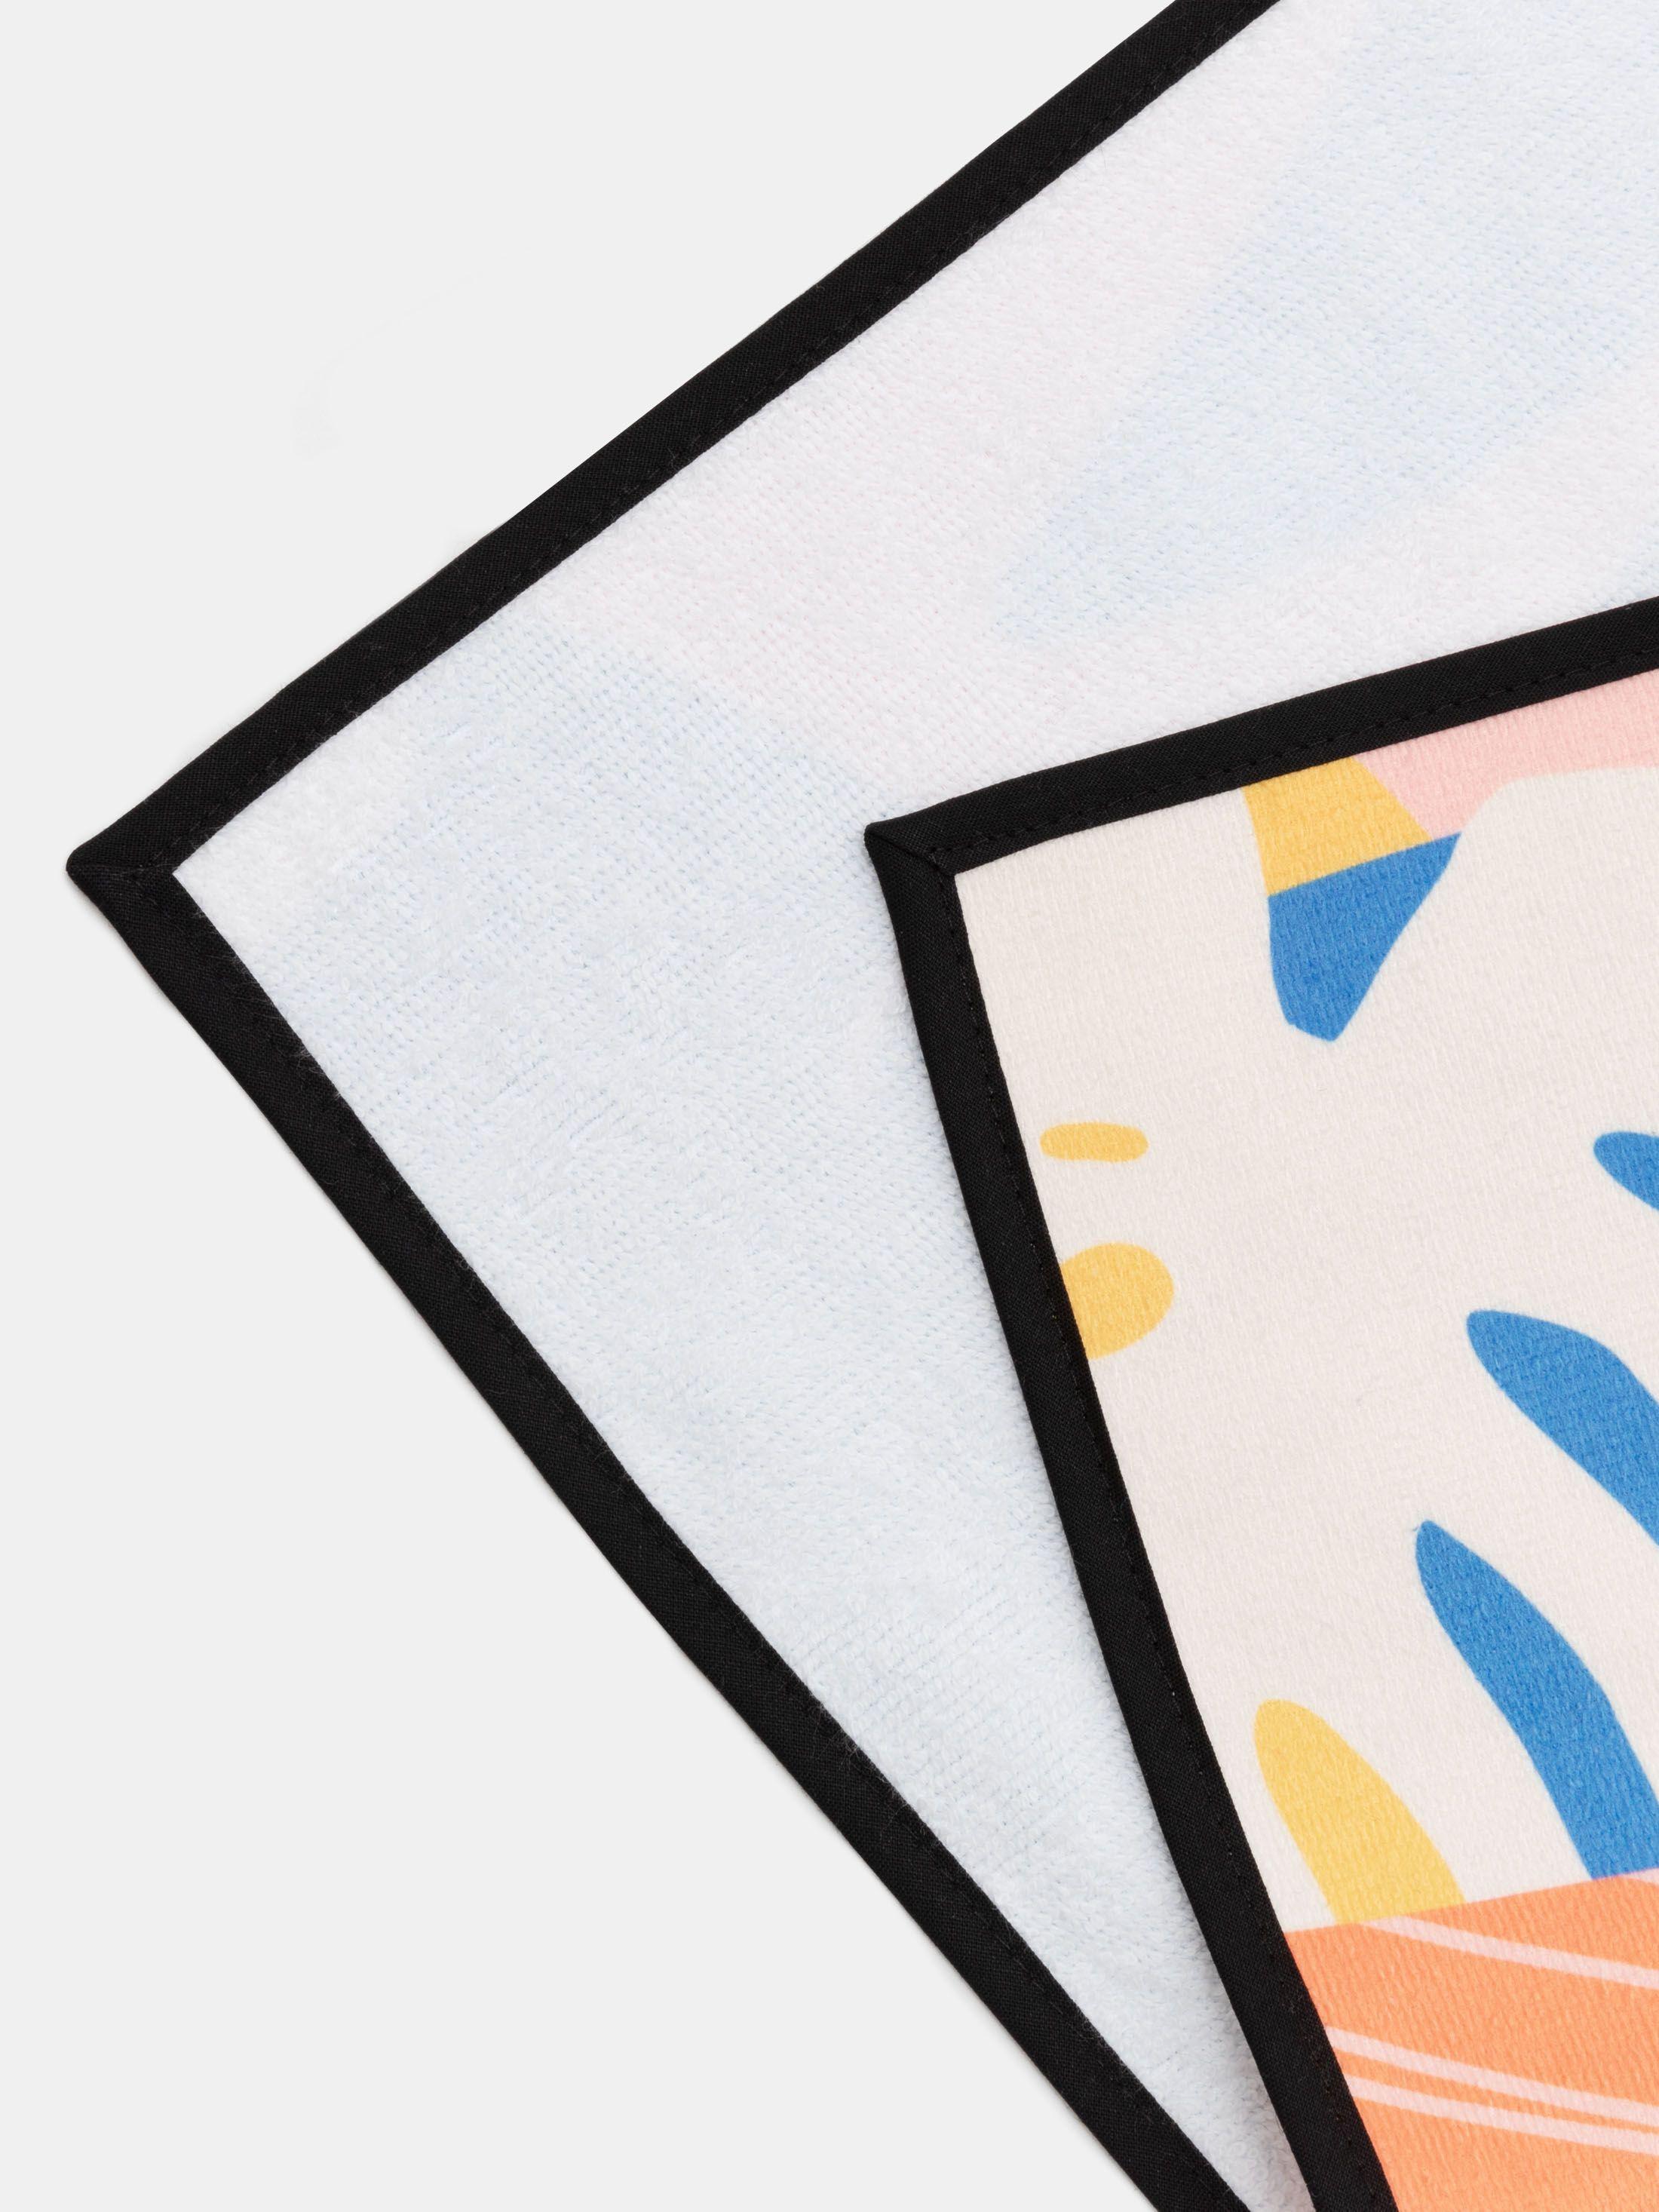 Printed Hand Towels UK